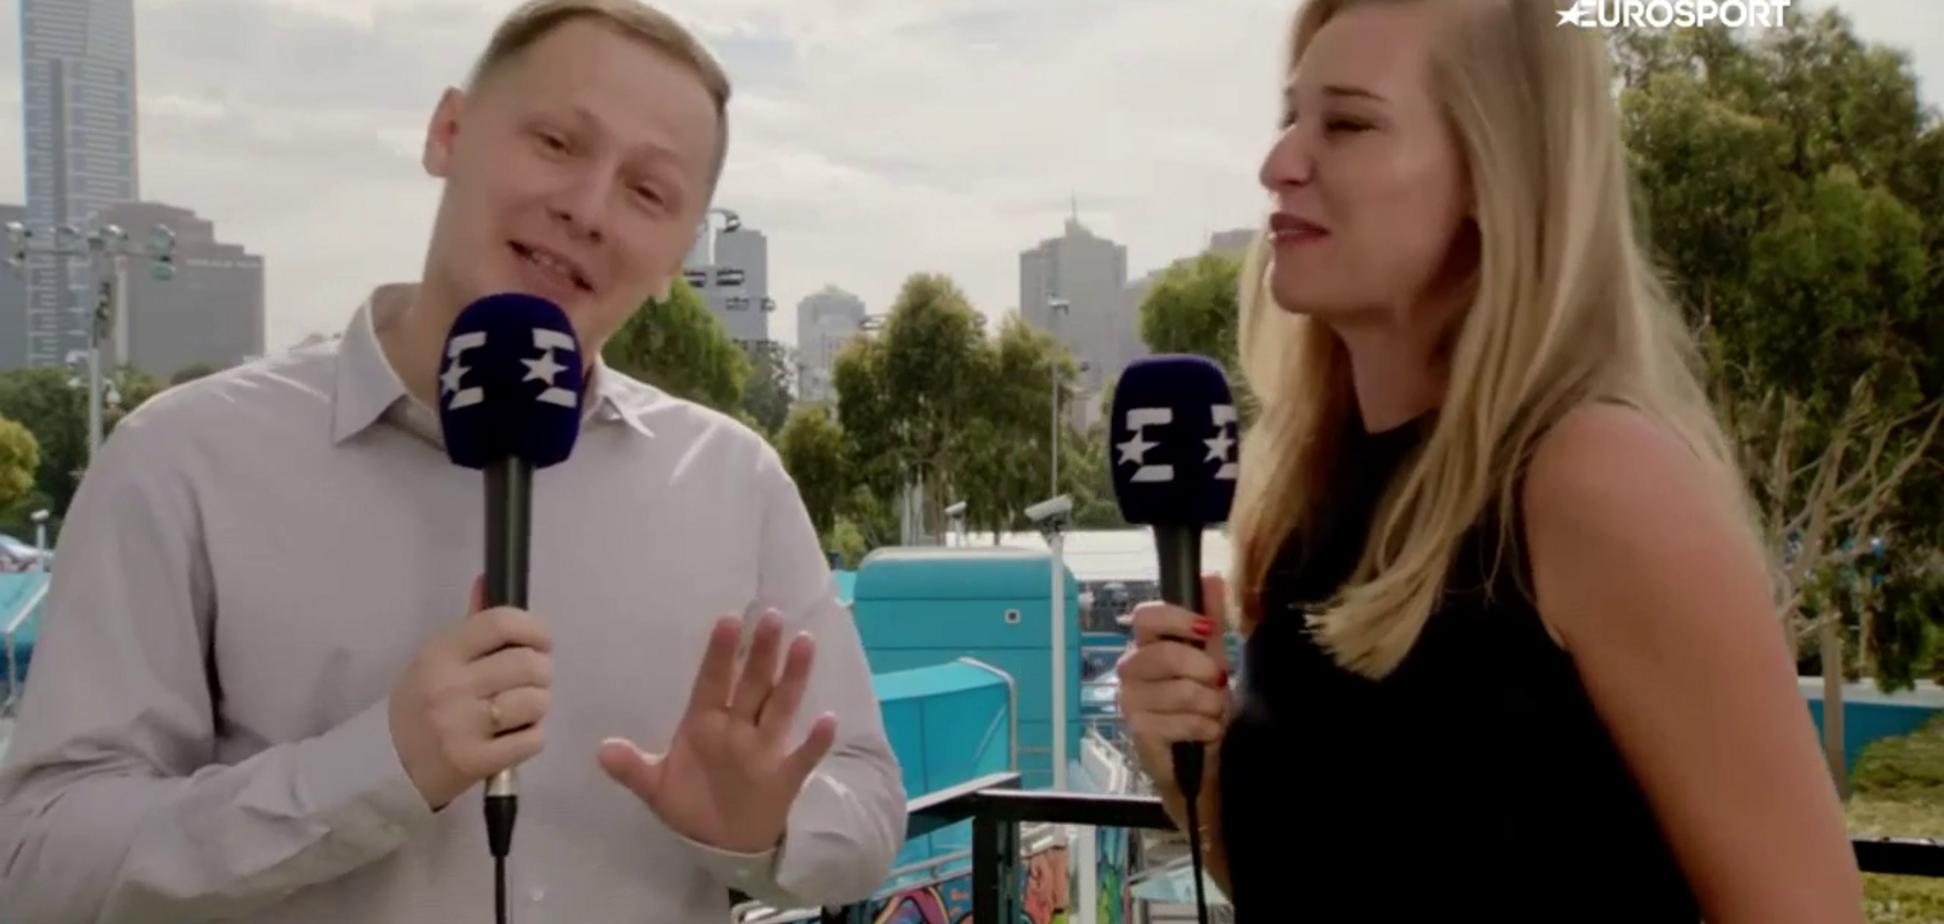 'Найкрутіший росiянин? Кличко': знаменита тенісистка обламала російського коментатора